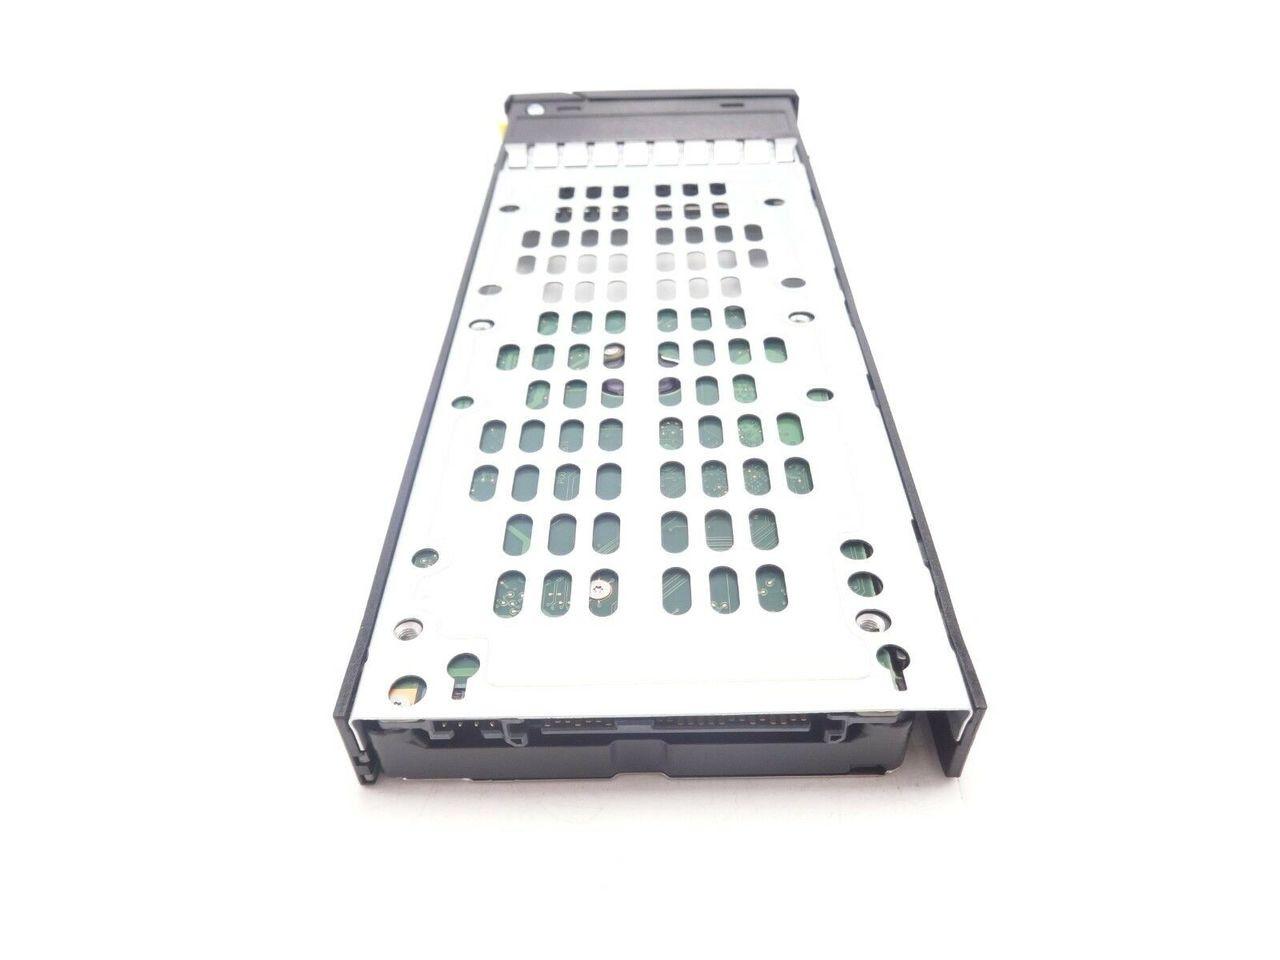 HP 814667-001 3PAR M6710 2TB SAS 2.5 Drive